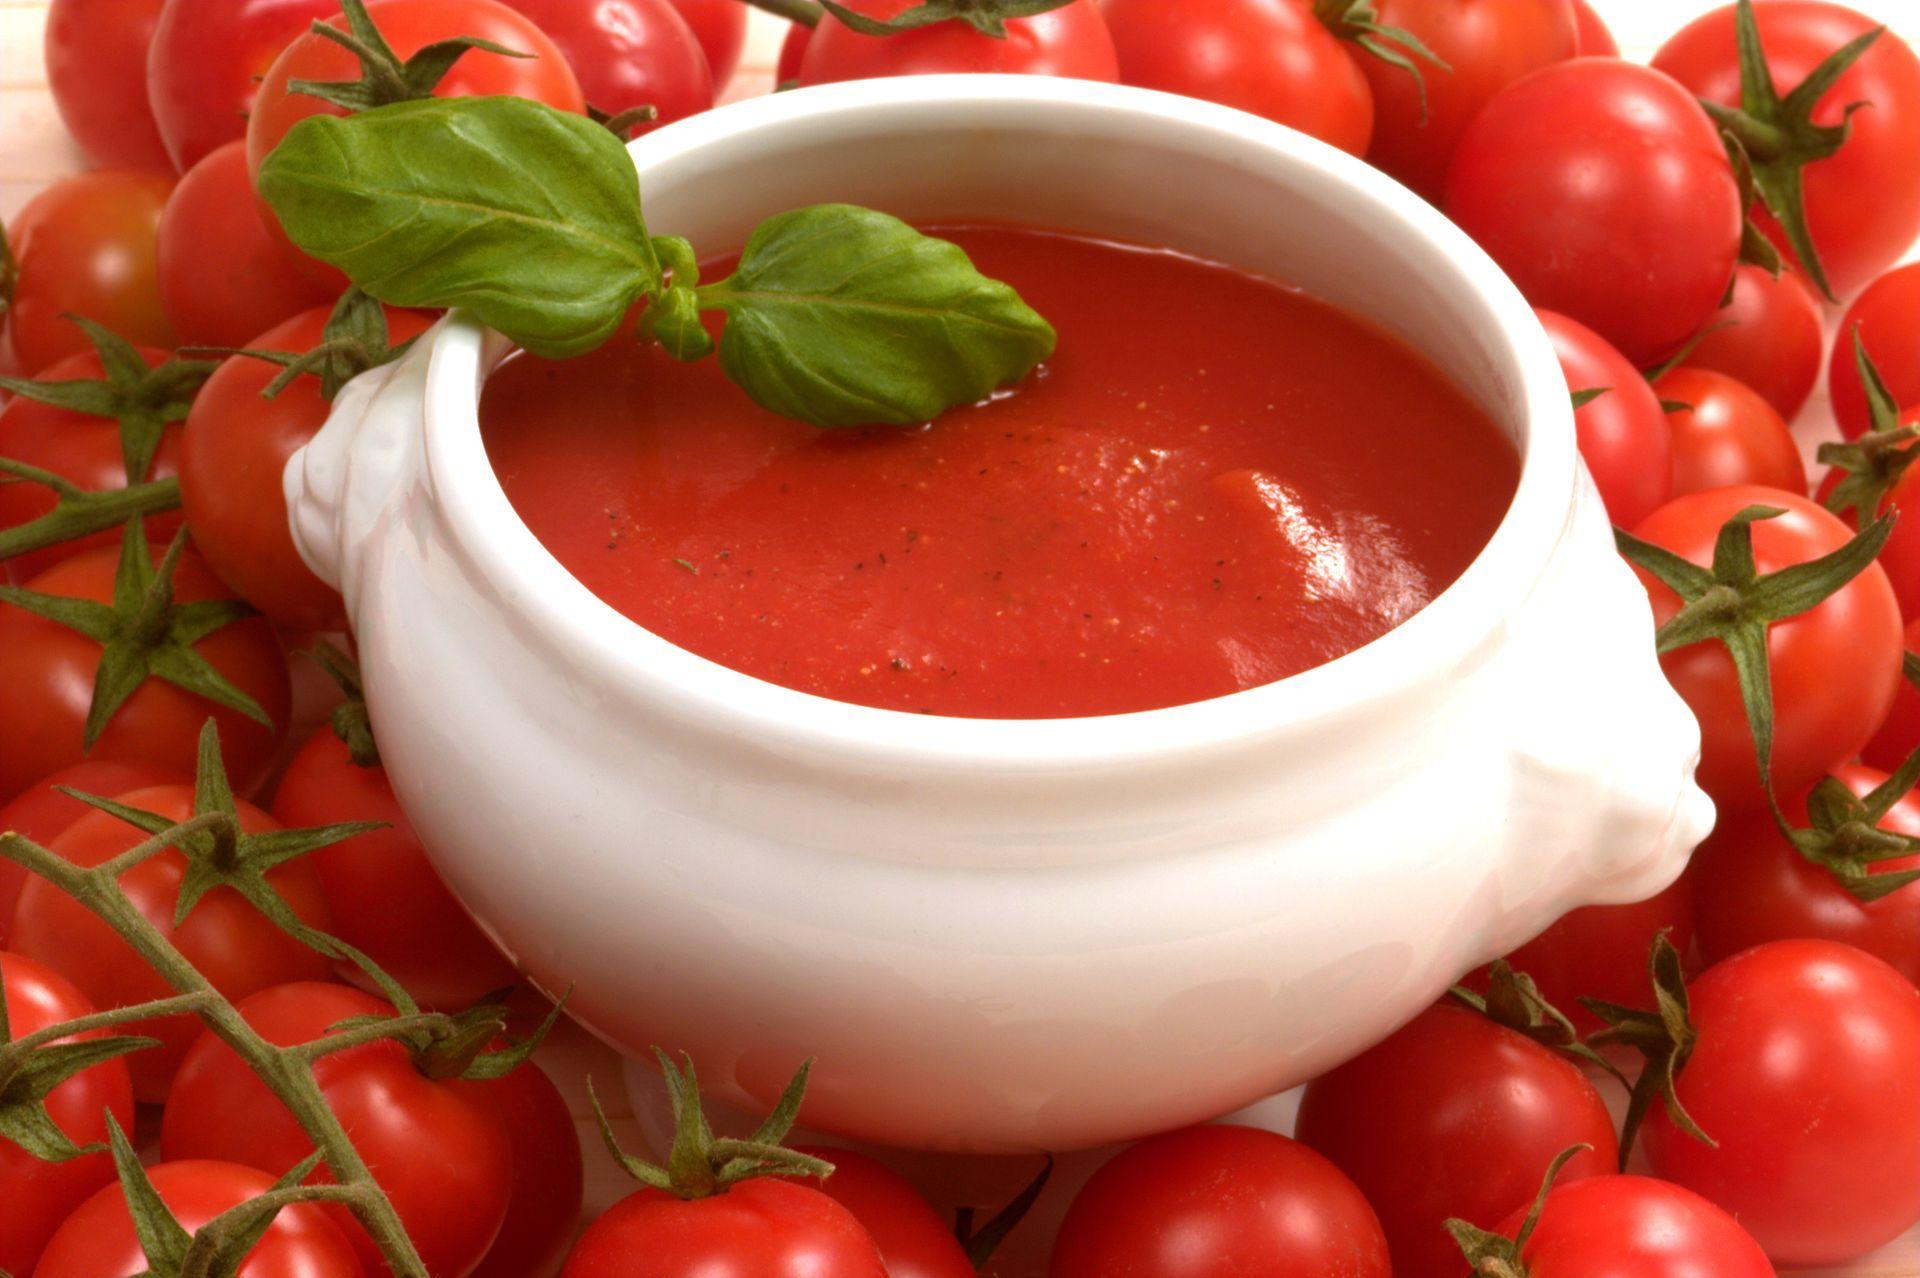 еда помидоры сок томатный ложка  № 2891497 загрузить